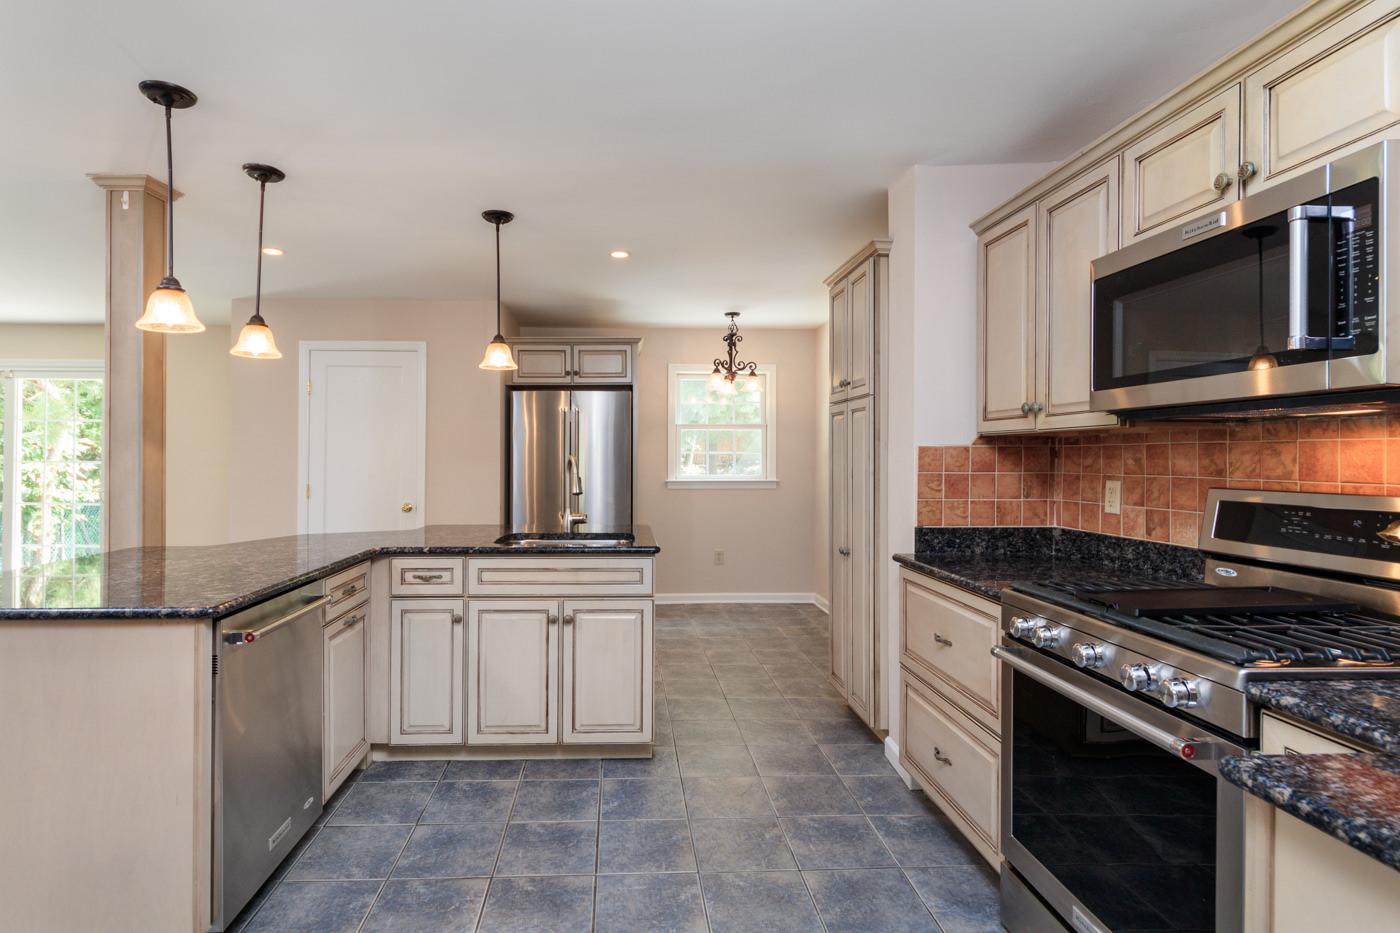 Kitchen cabinets summit nj - 49 Madison Ave Summit Nj 07901